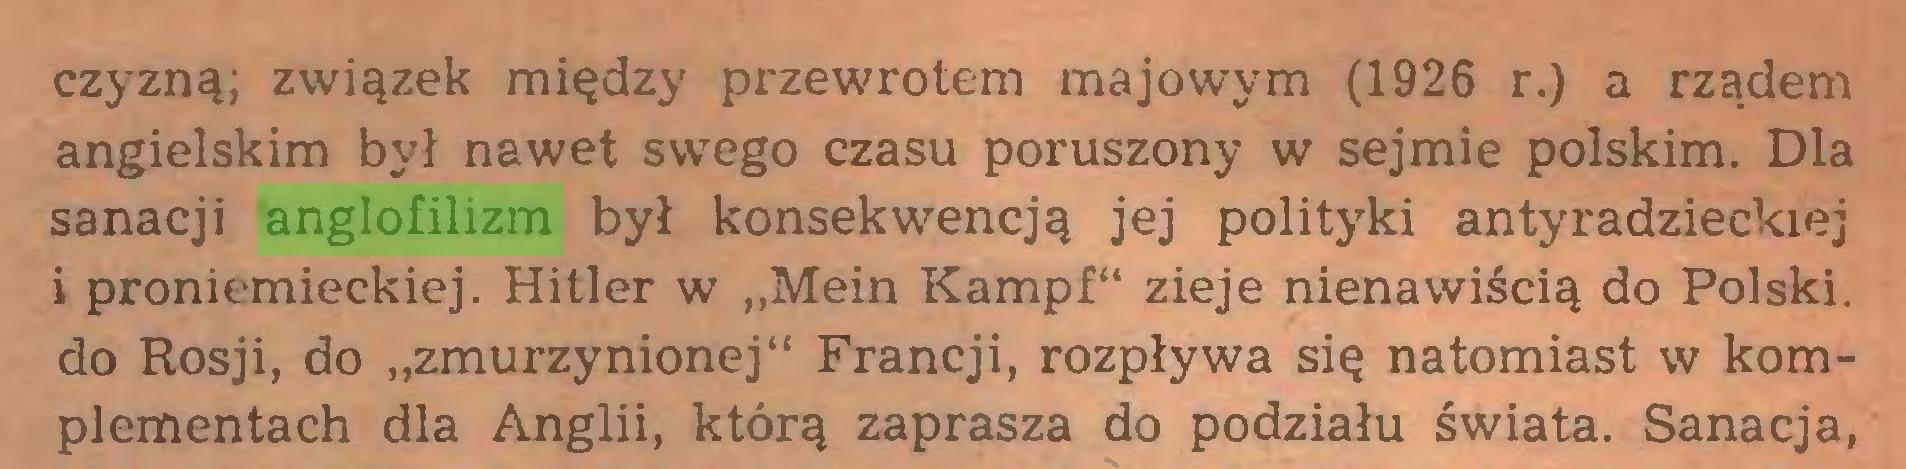 """(...) czyzną; związek między przewrotem majowym (1926 r.) a rządem angielskim był nawet swego czasu poruszony w sejmie polskim. Dla sanacji anglofilizm był konsekwencją jej polityki antyradzieckiej i proniemieckiej. Hitler w ,,Mein Kampf"""" zieje nienawiścią do Polski, do Rosji, do """"zmurzynionej"""" Francji, rozpływa się natomiast w komplementach dla Anglii, którą zaprasza do podziału świata. Sanacja,..."""